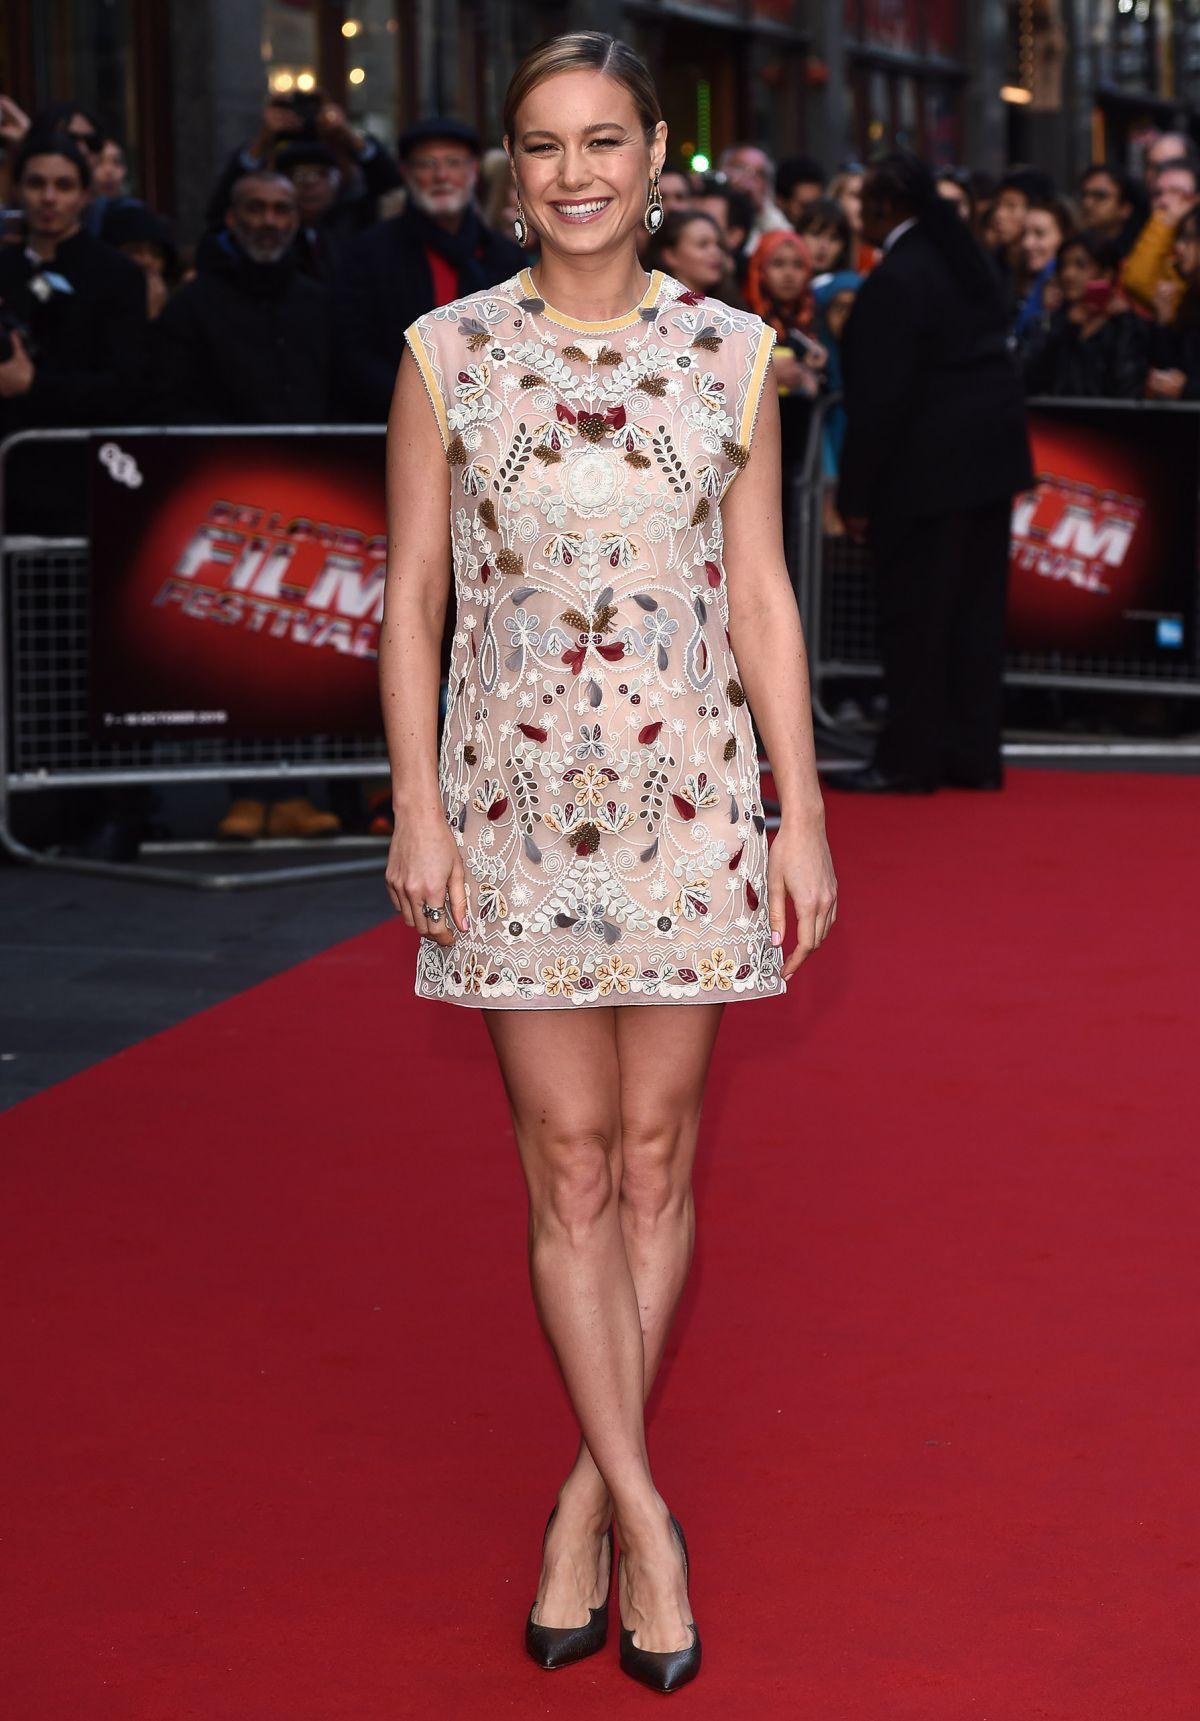 Brie Larson At Room Screening At 2015 Bfi London Film